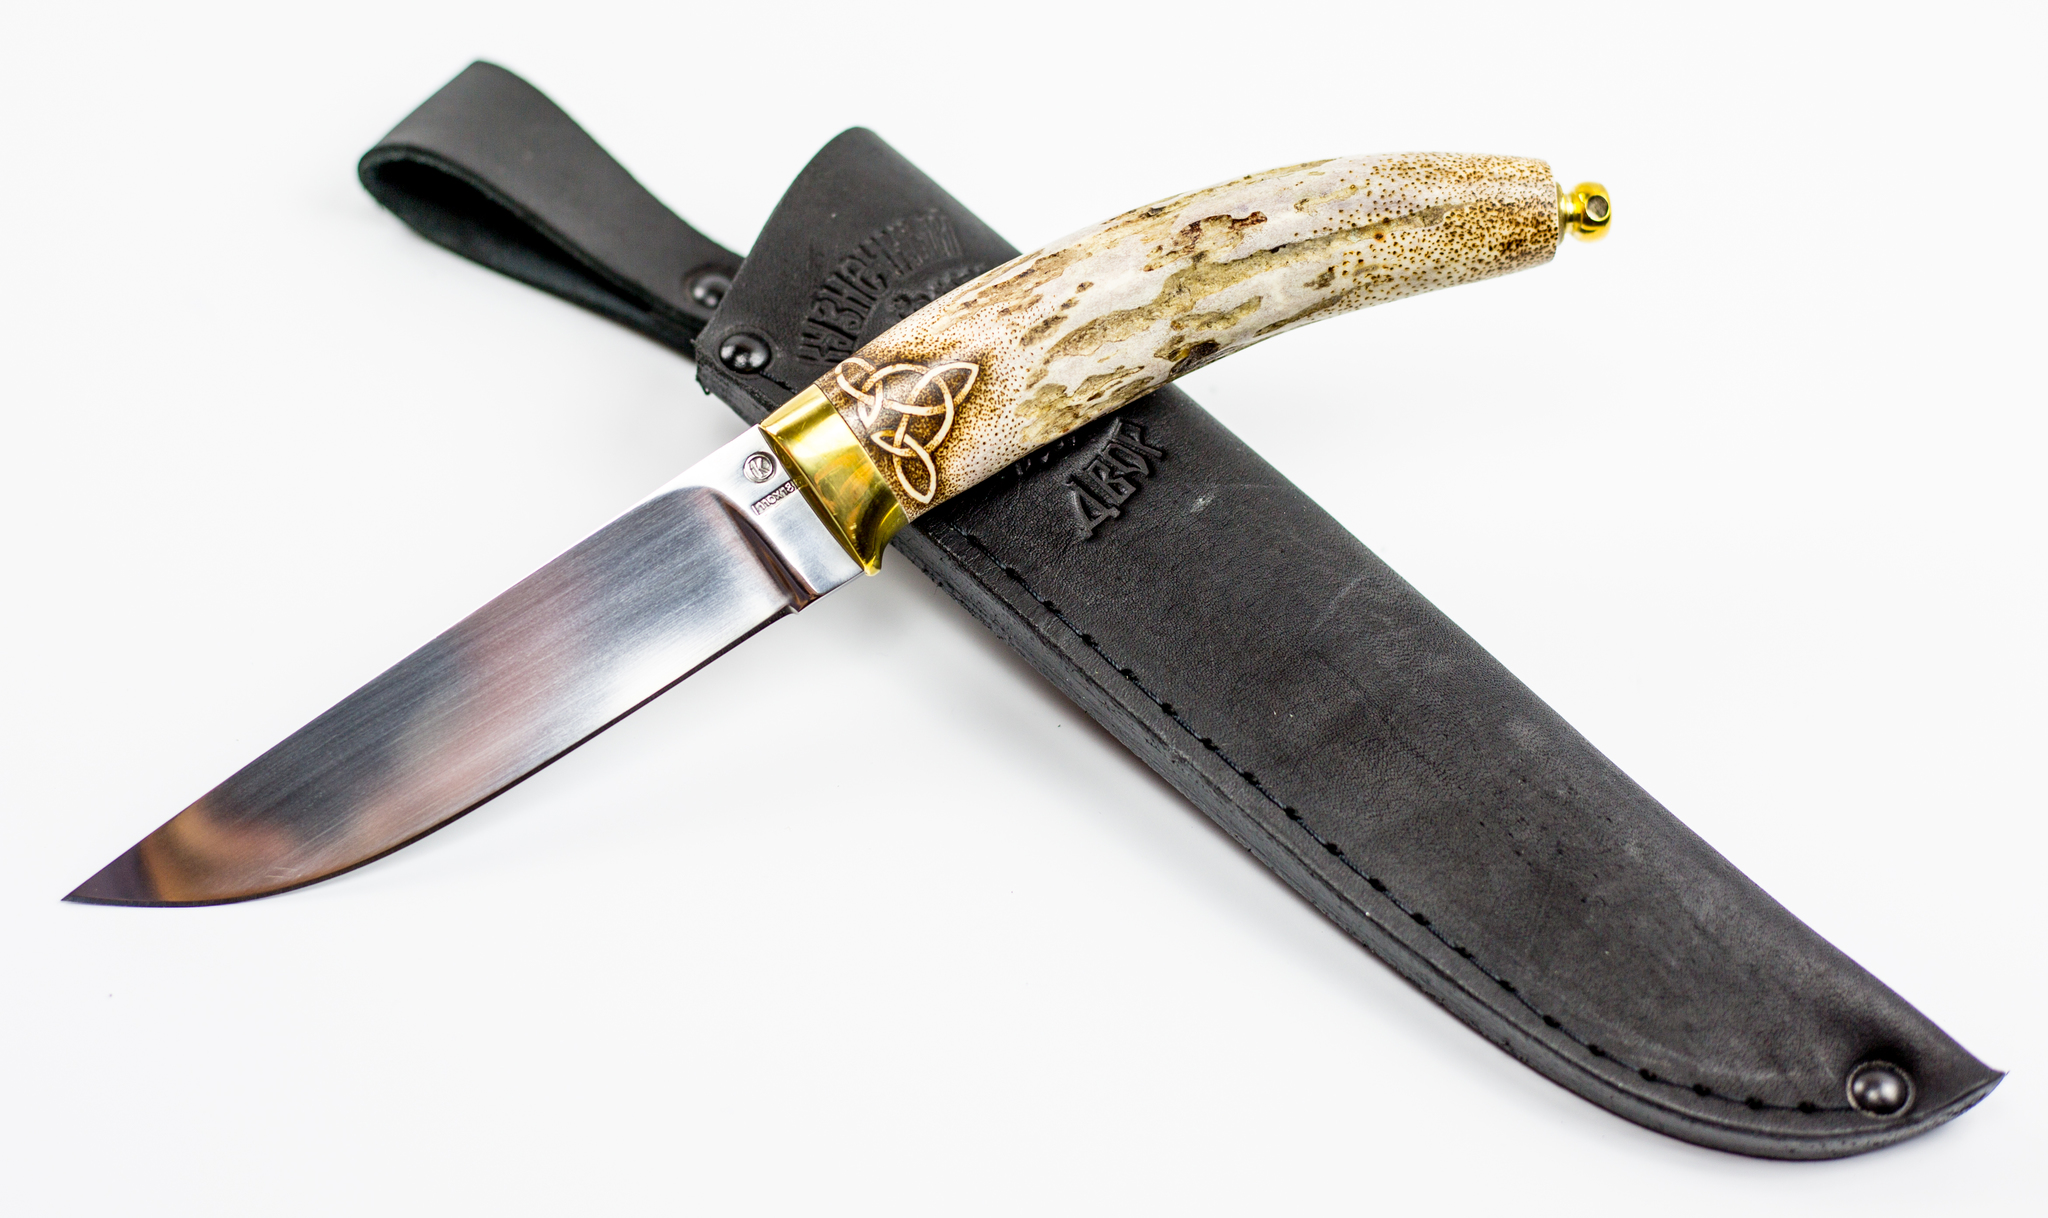 Фото 6 - Нож Грибник, сталь 110Х18, рукоять рог от Ножи Крутова